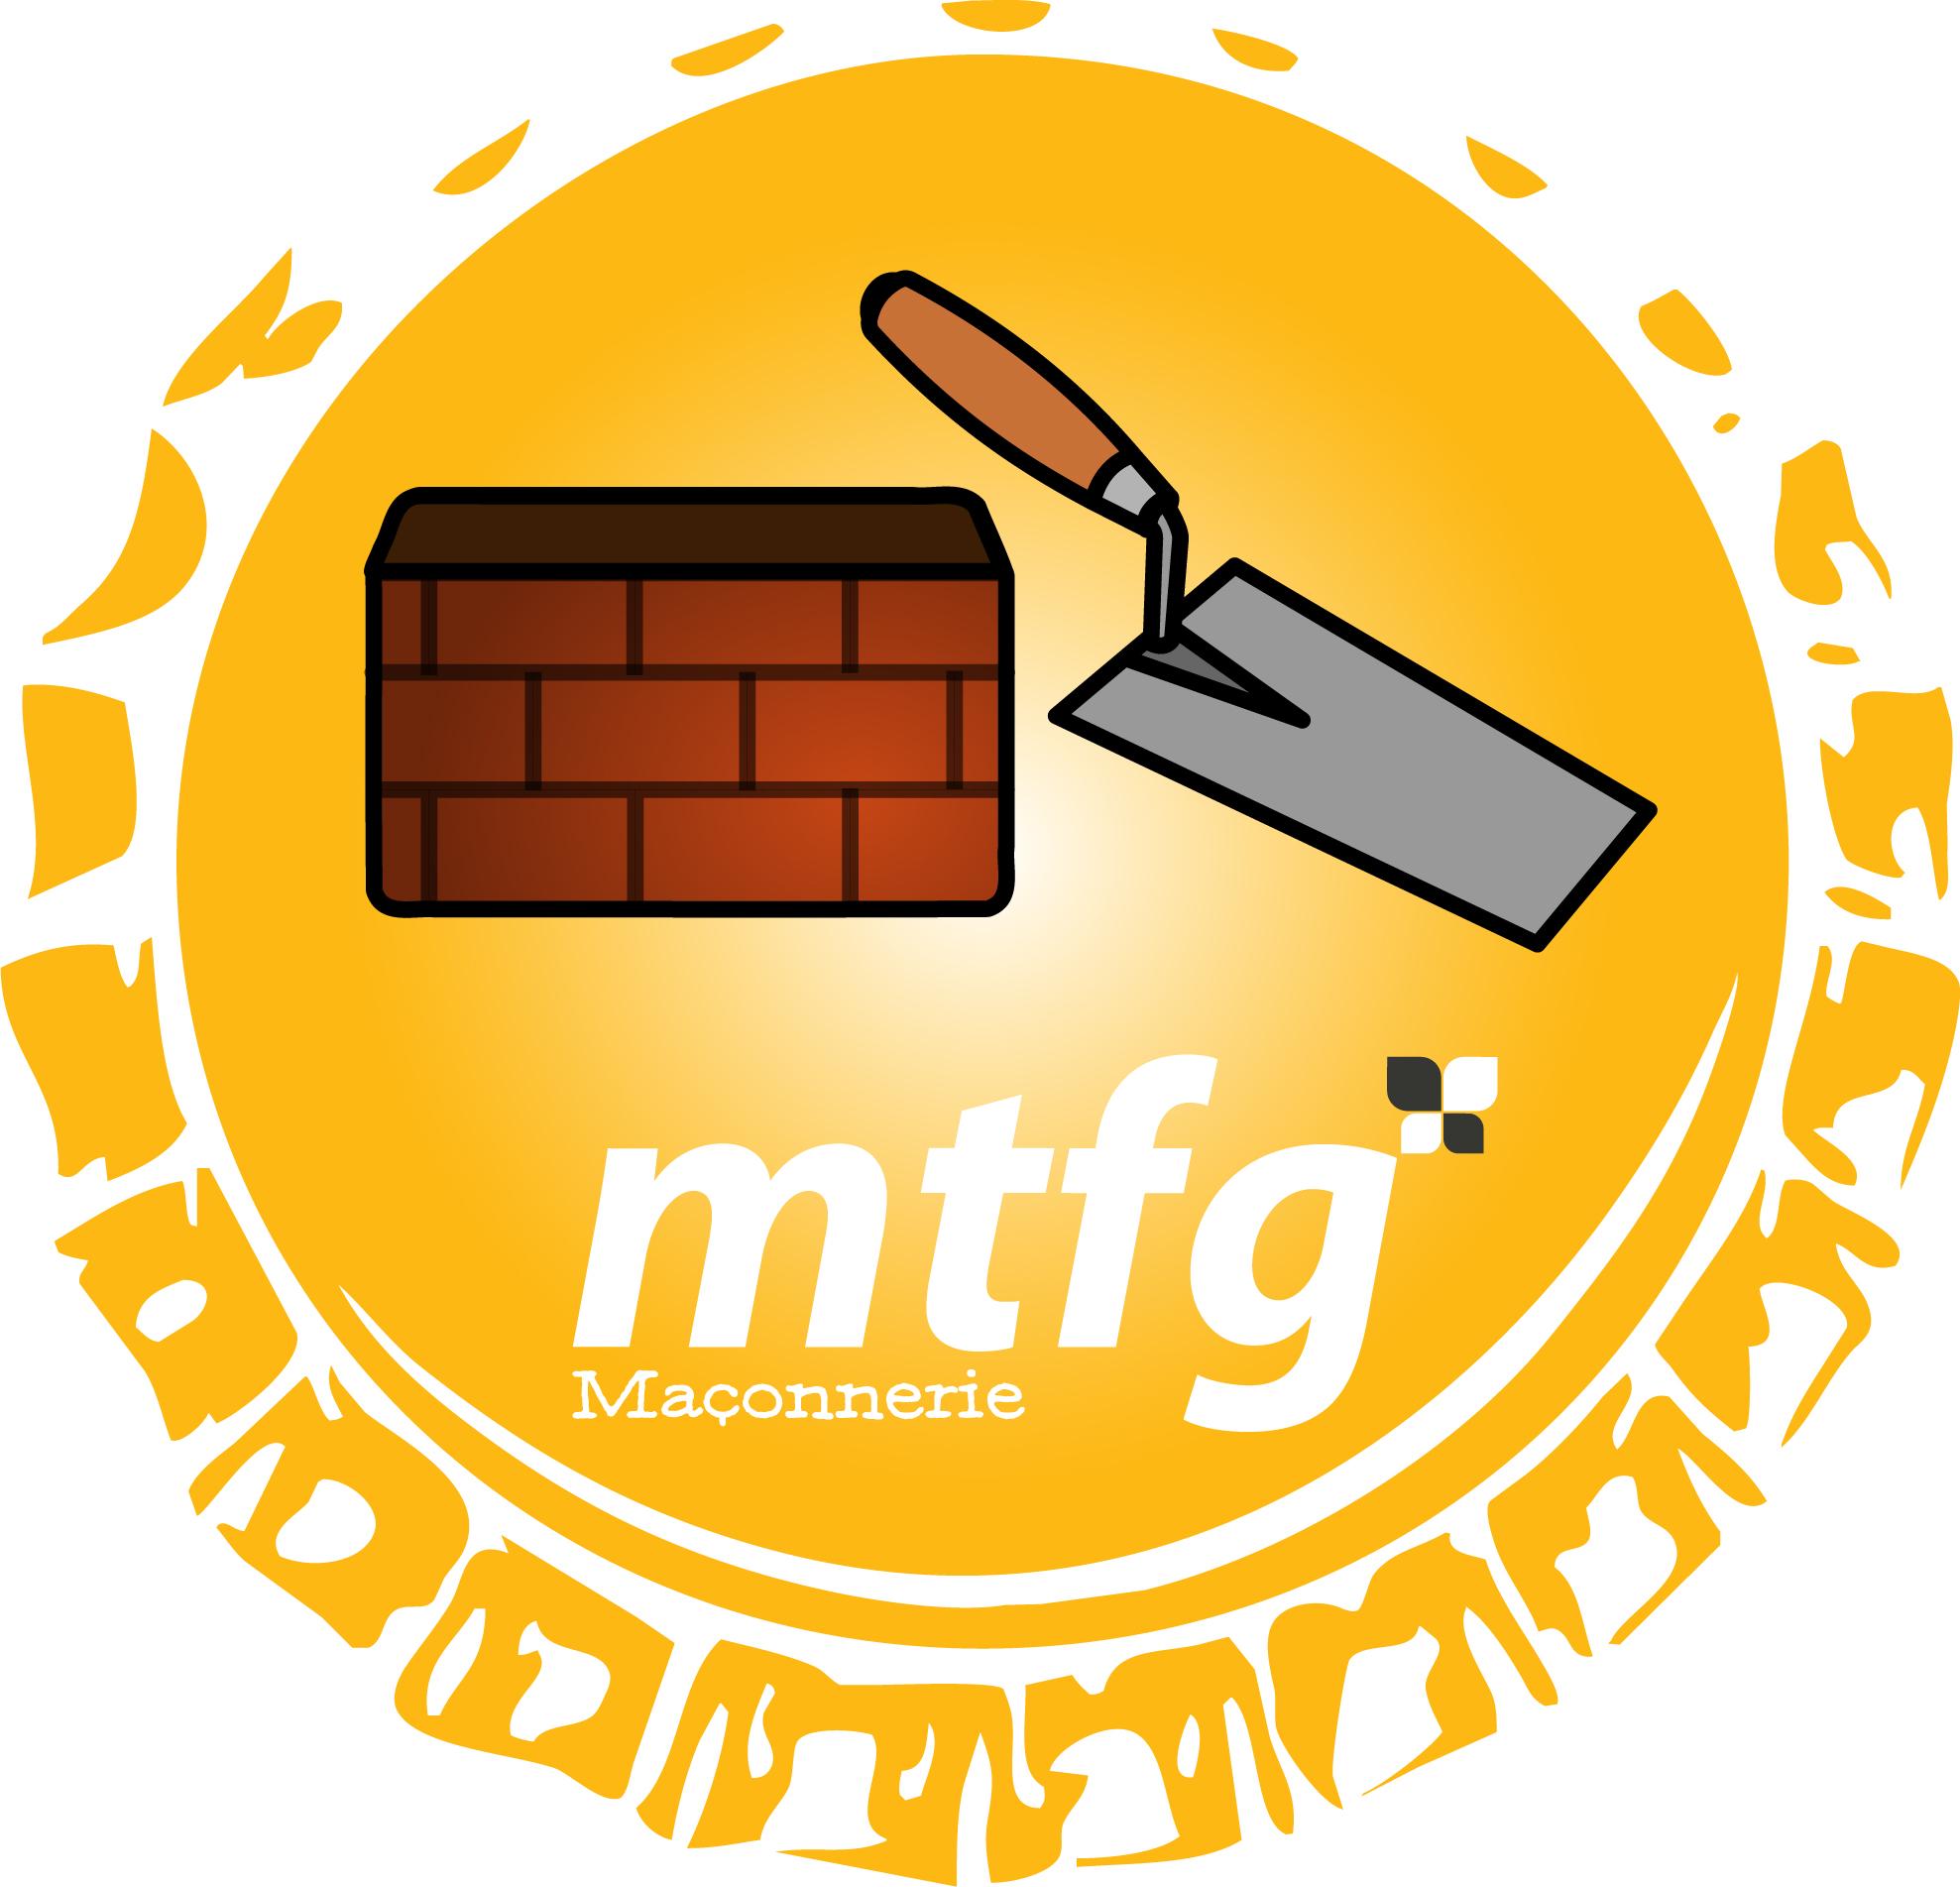 MTFG Maçonnerie